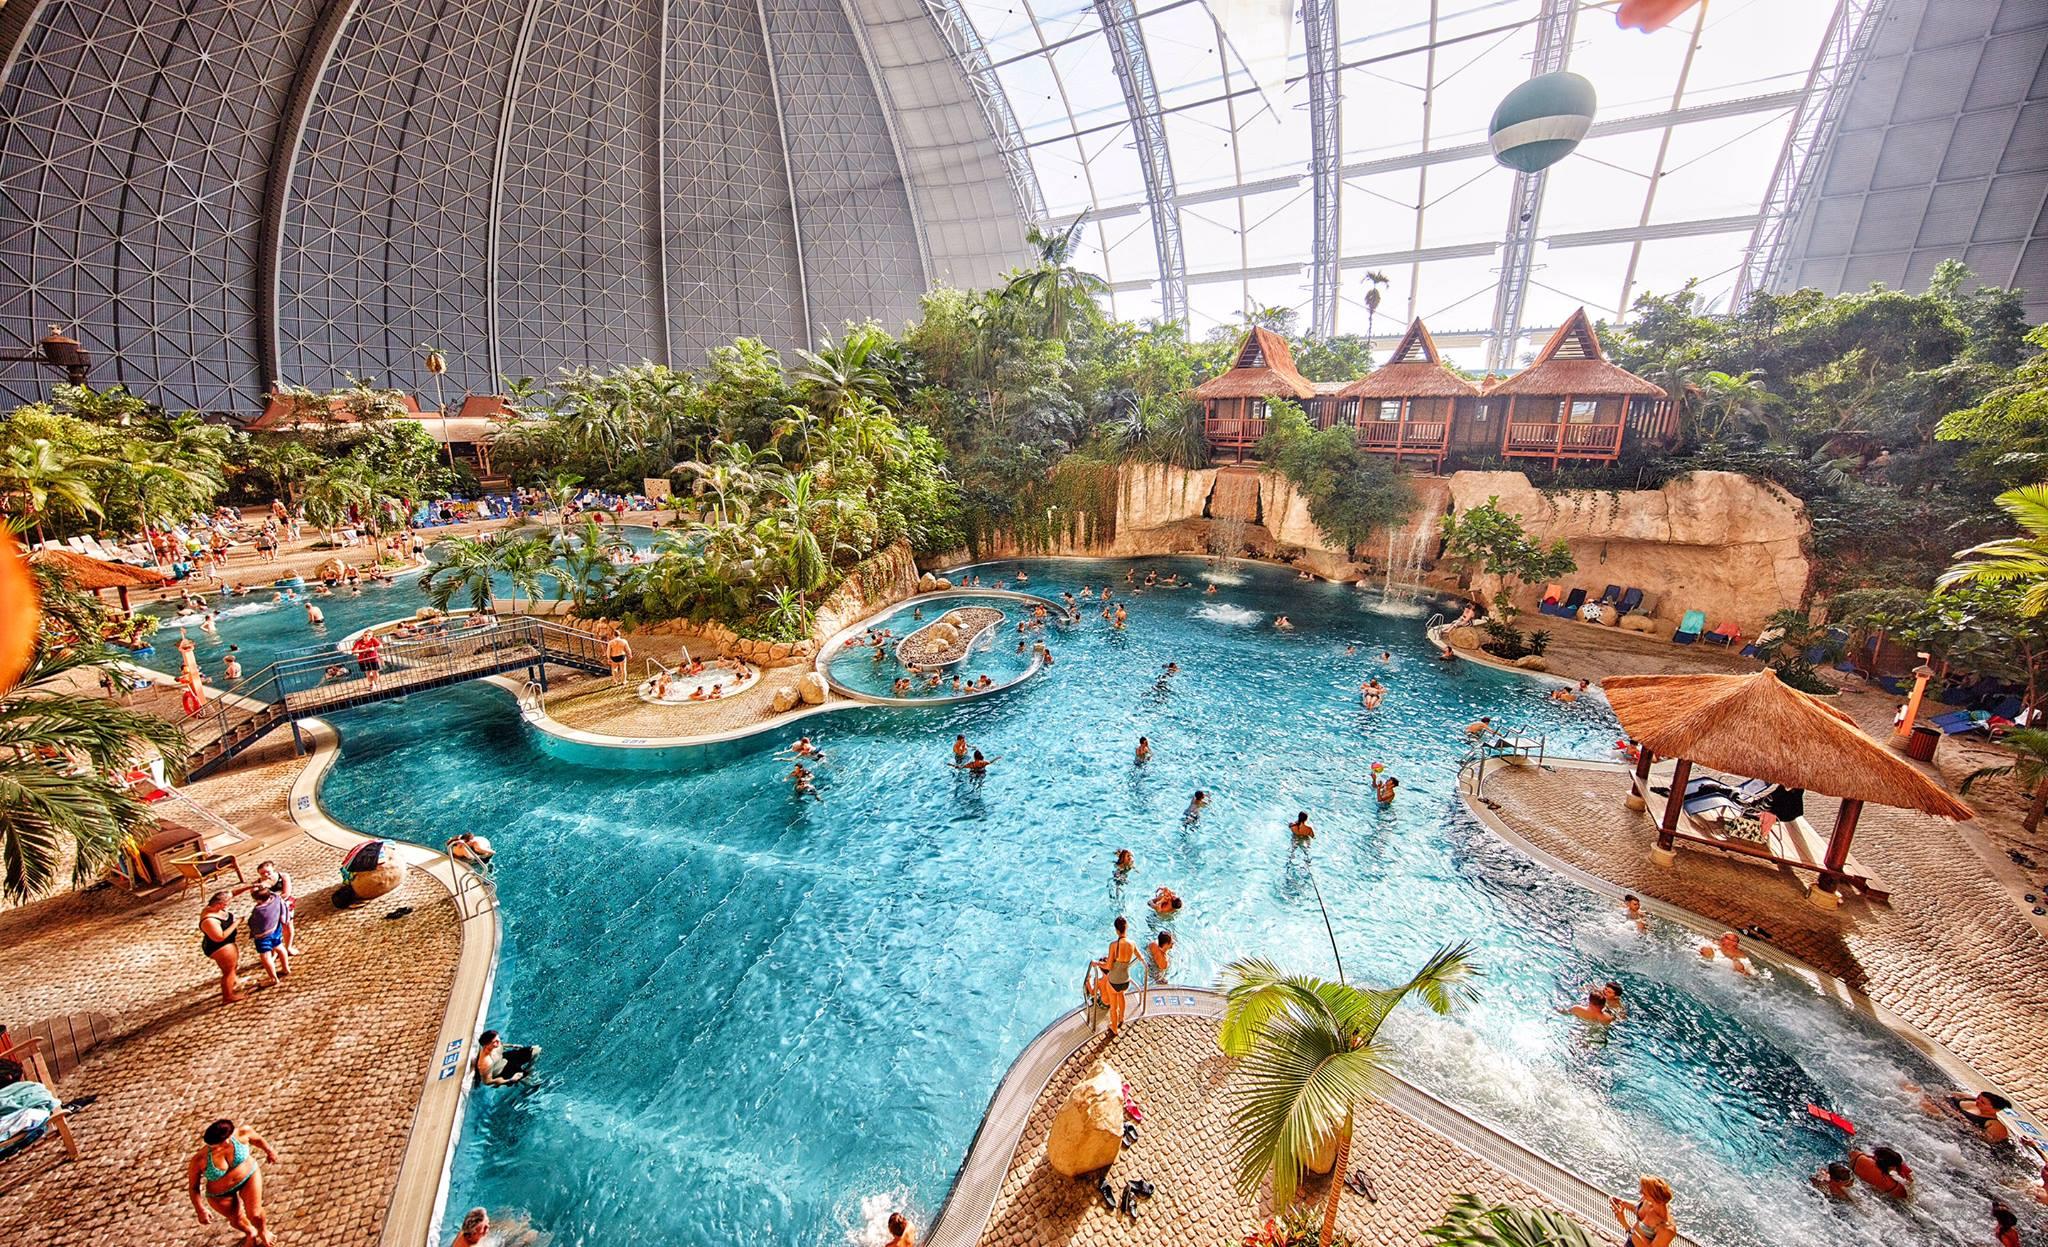 grootste binnenzwembad ter wereld